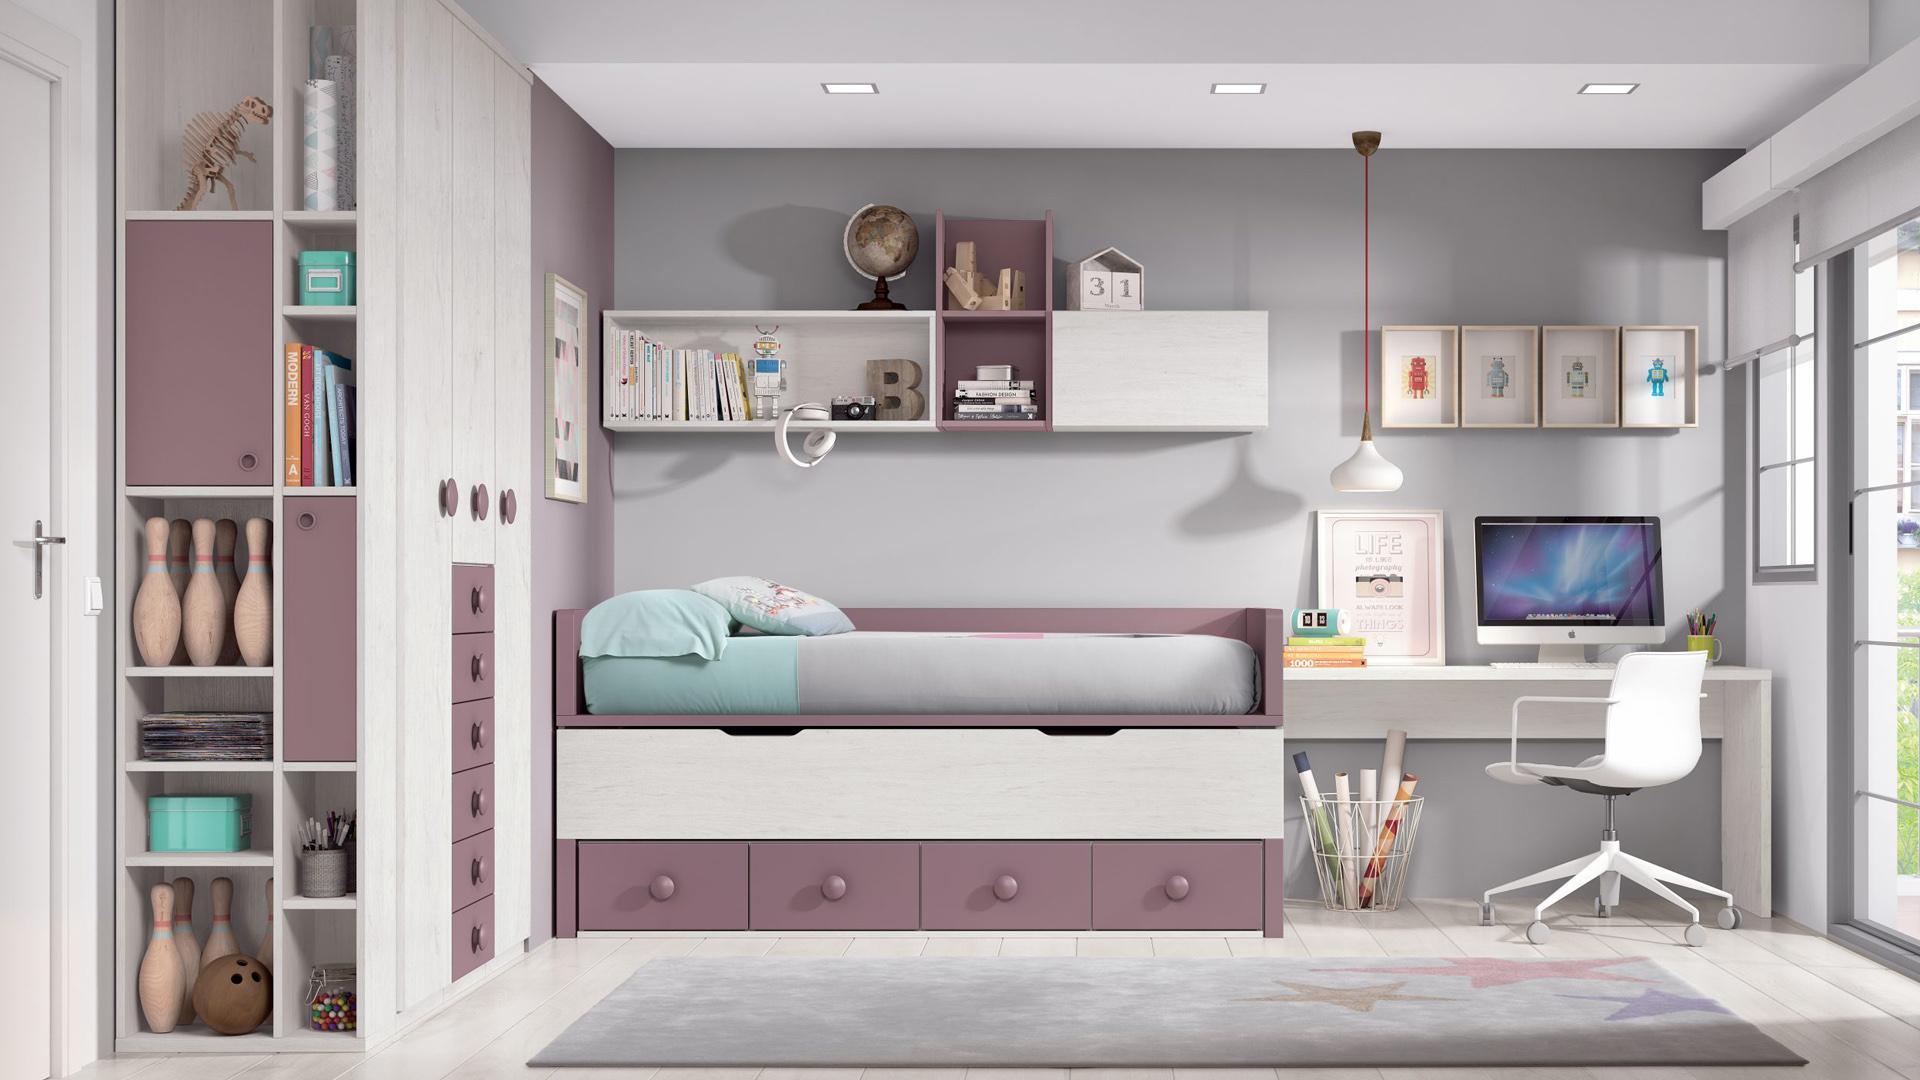 Tiendas de muebles baratos en getafe muebles salvador colchoner a - Muebles en getafe ...